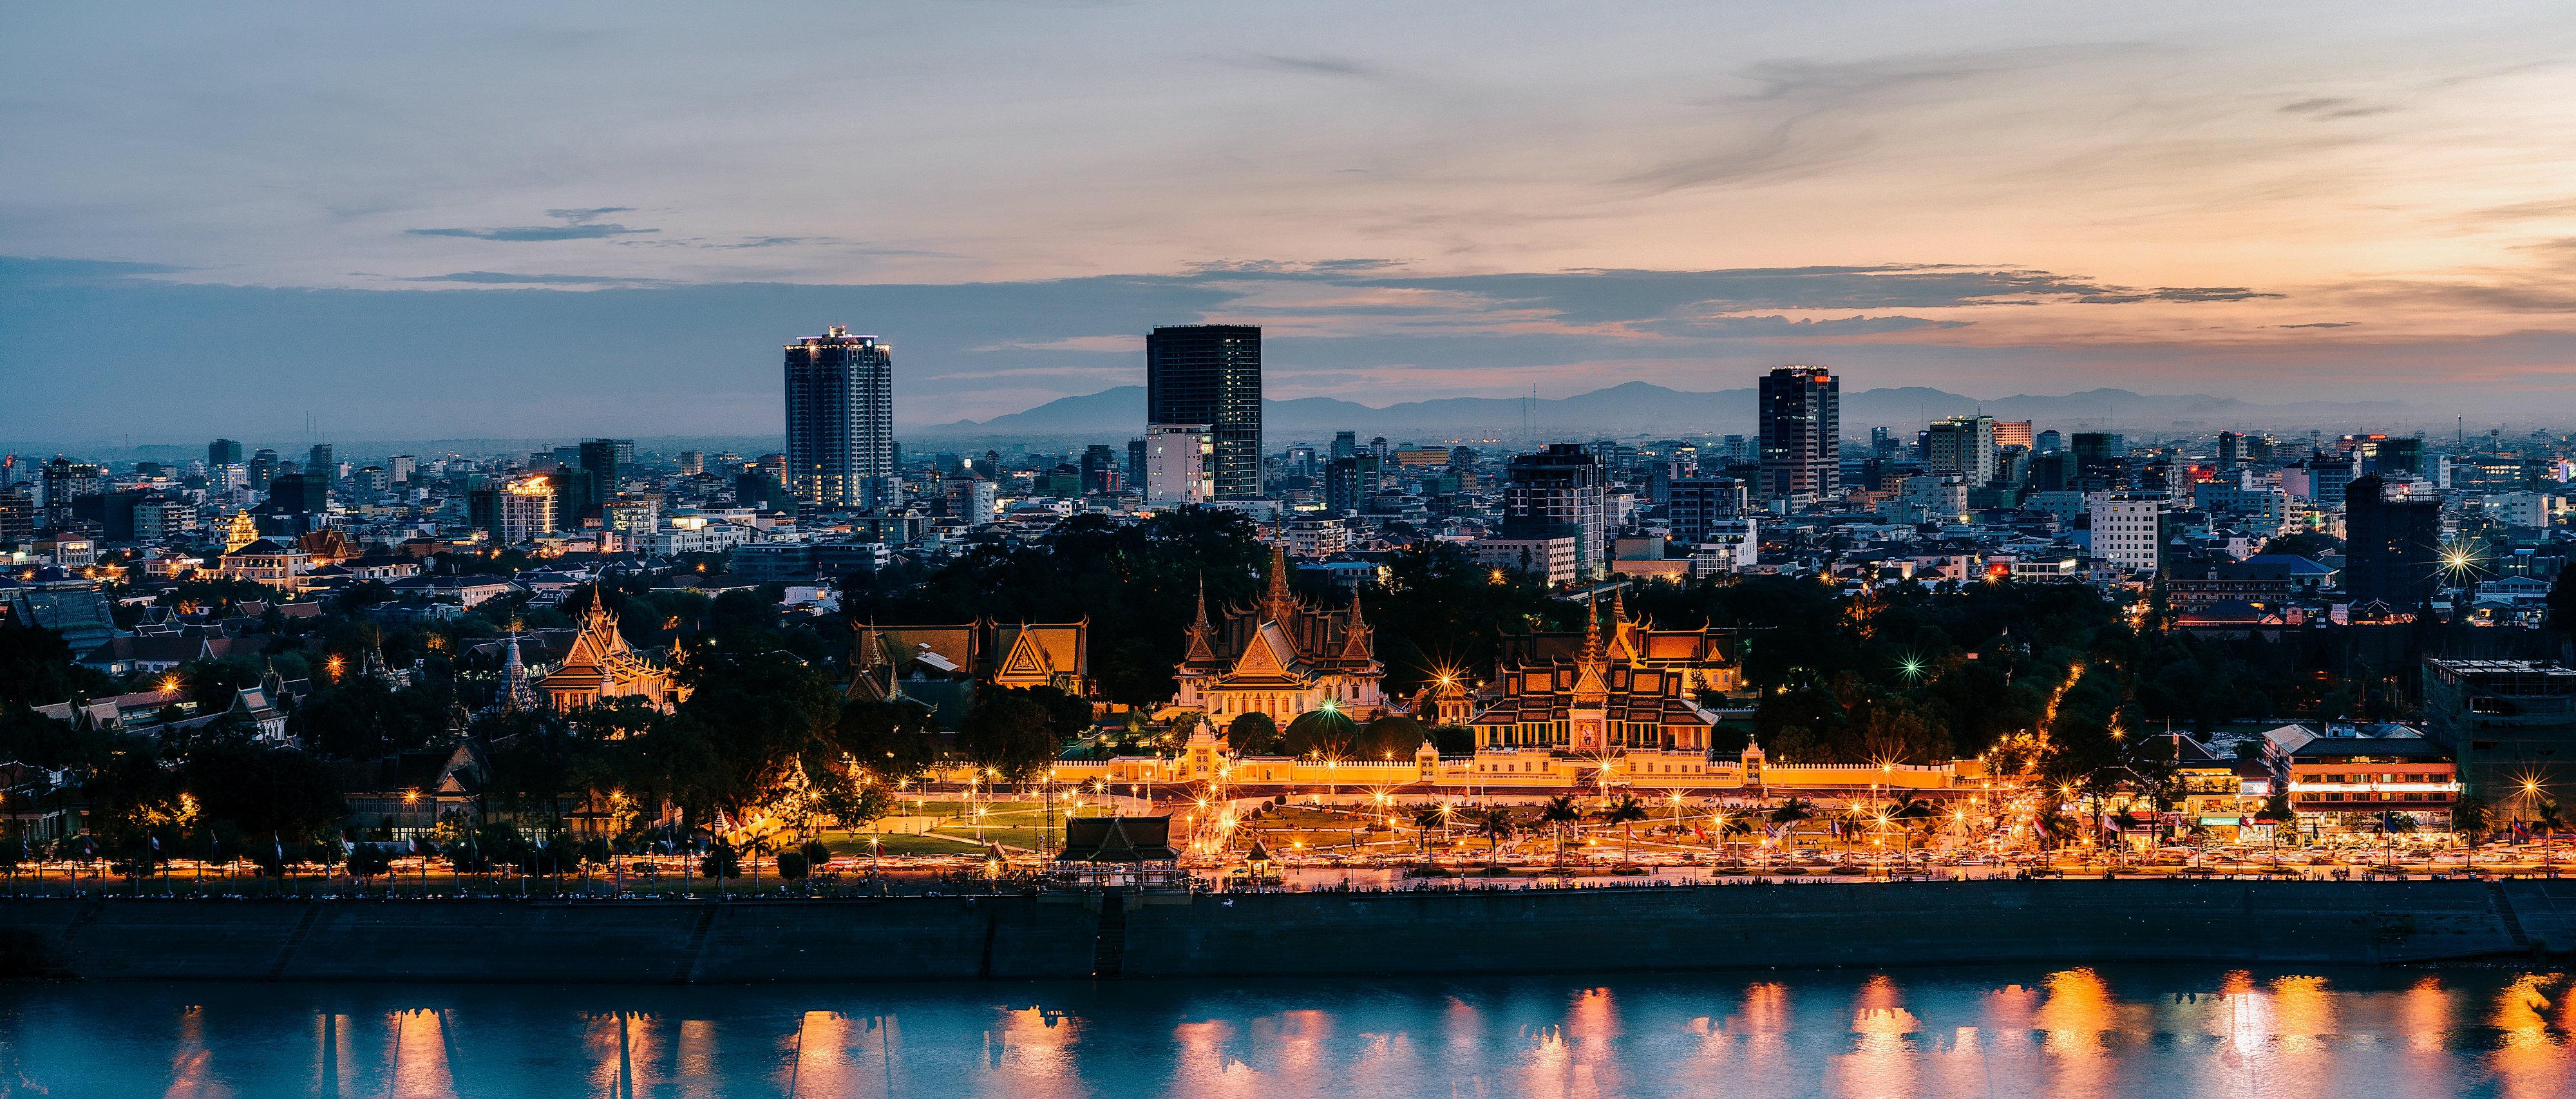 Pro Real Estate Cambodia